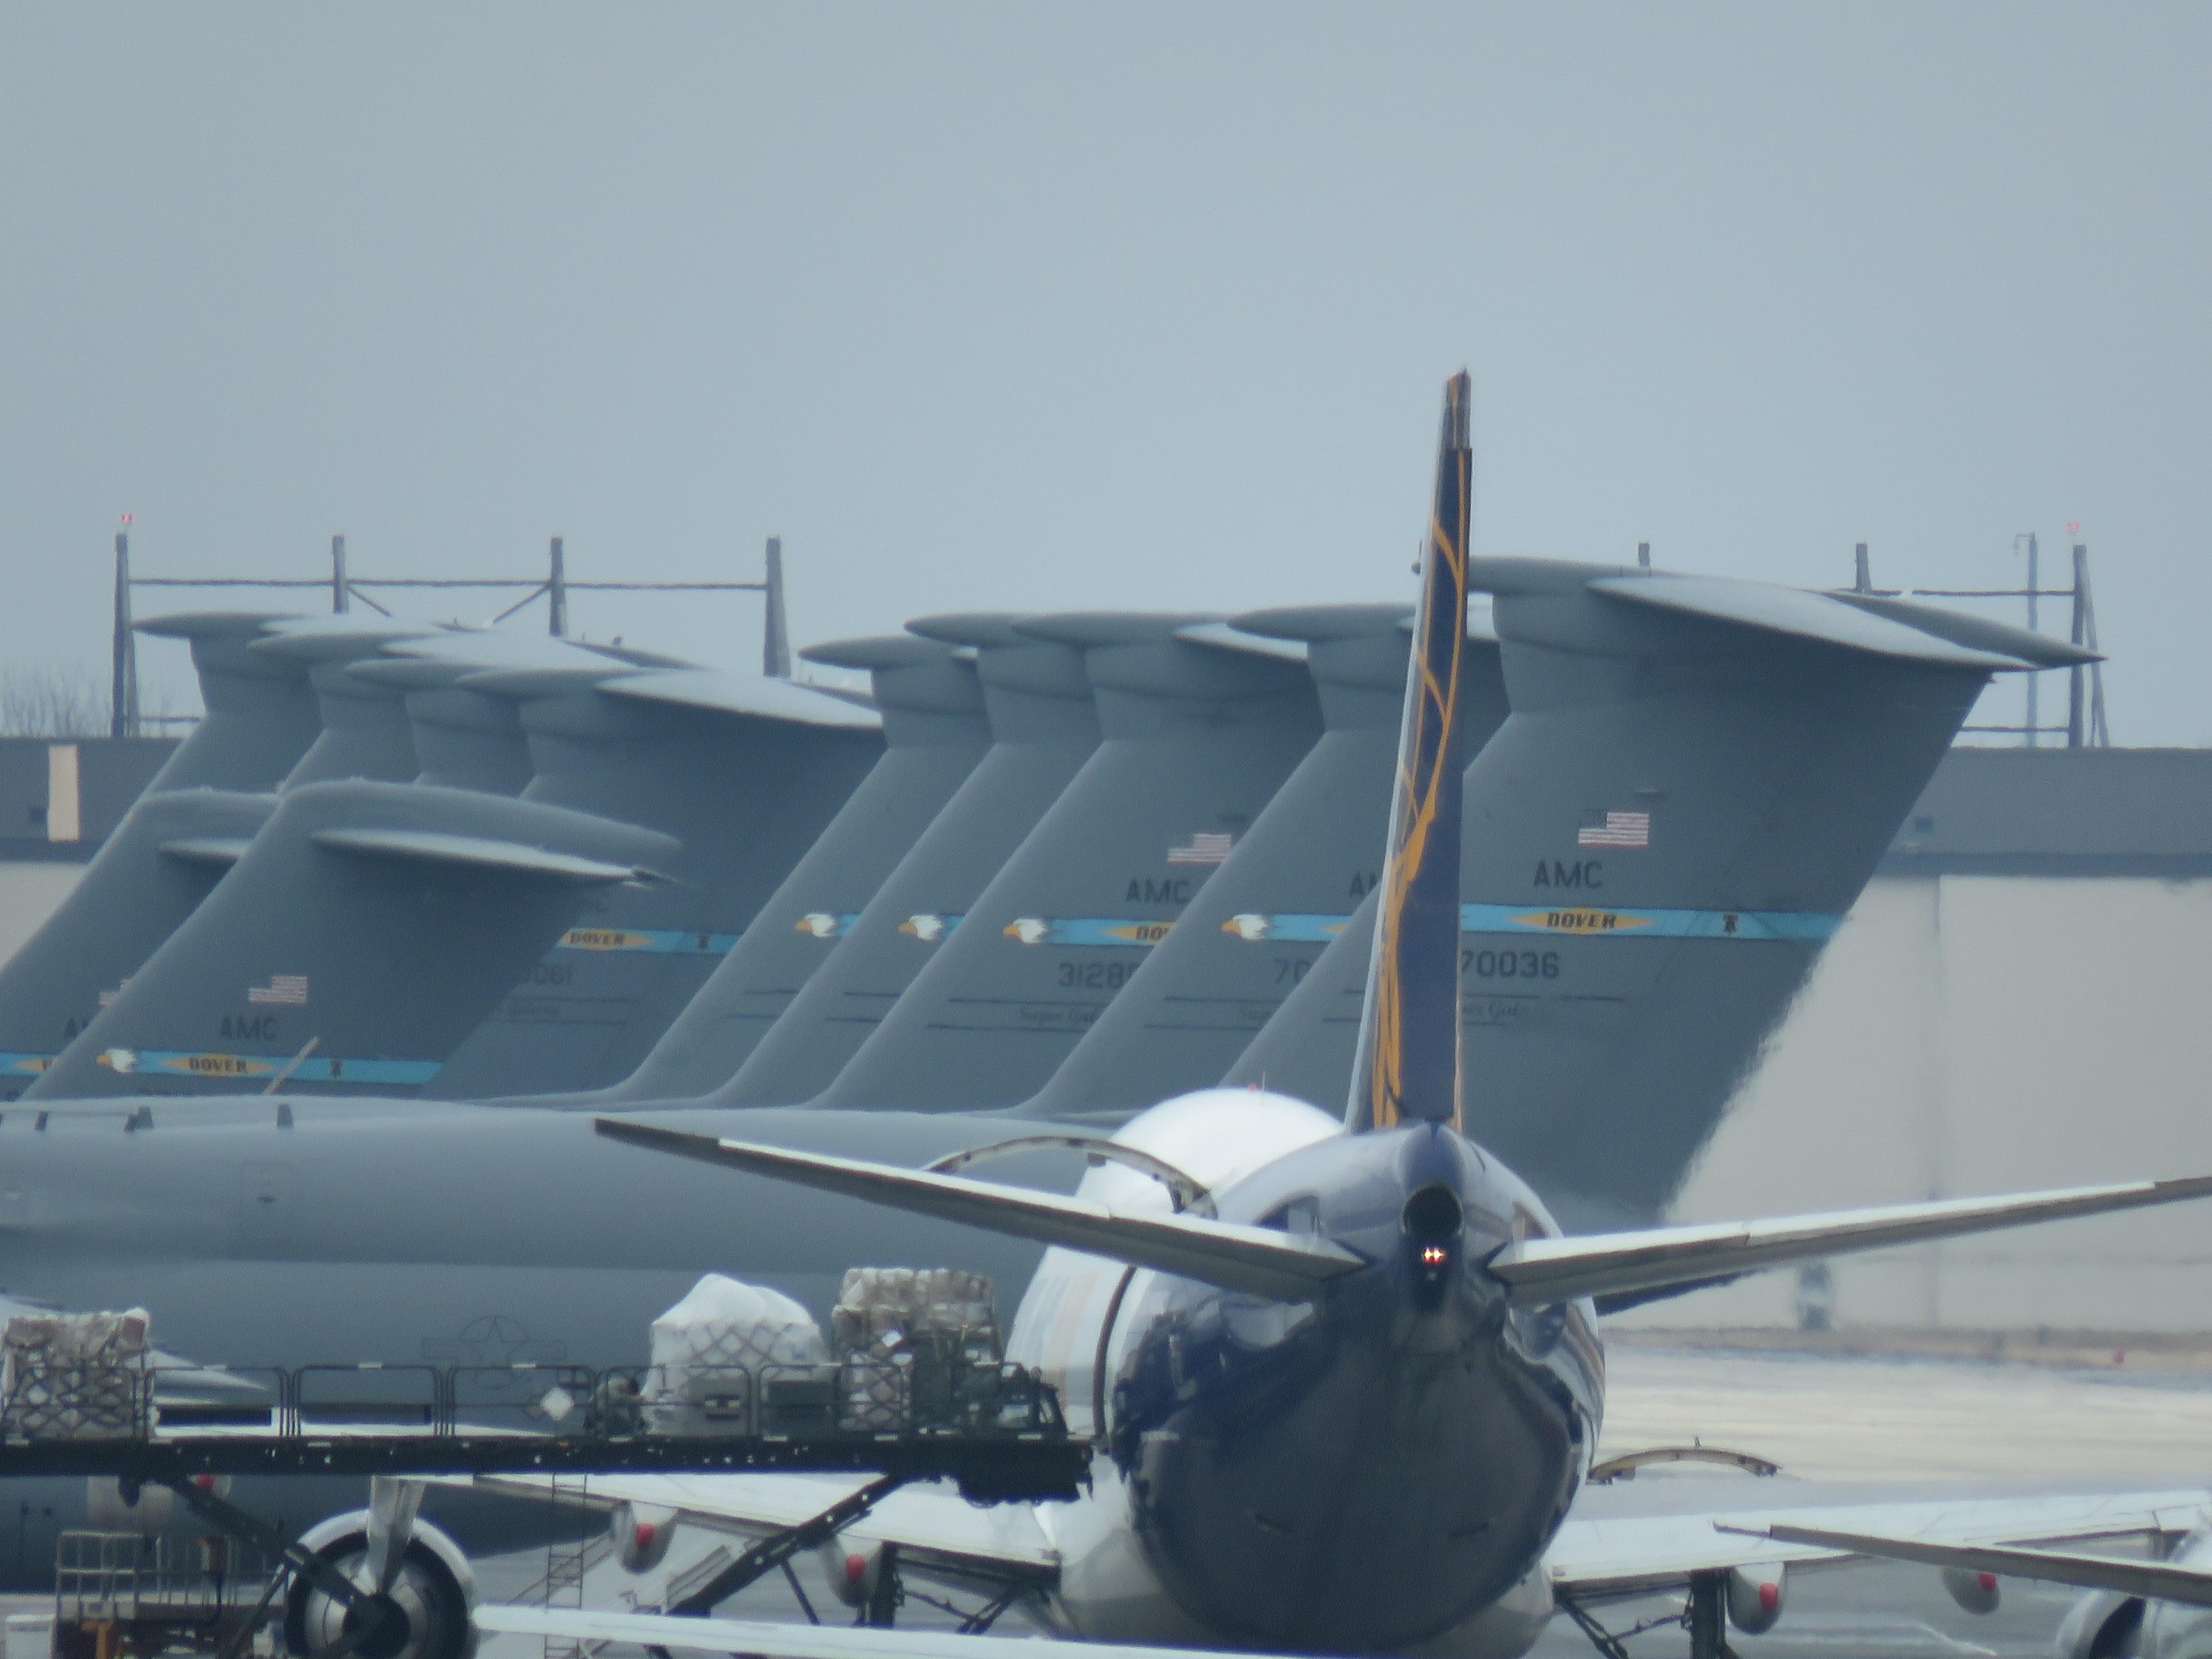 9A2191DB-0B3F-4A09-BAF4-EAAF47D4C9E8